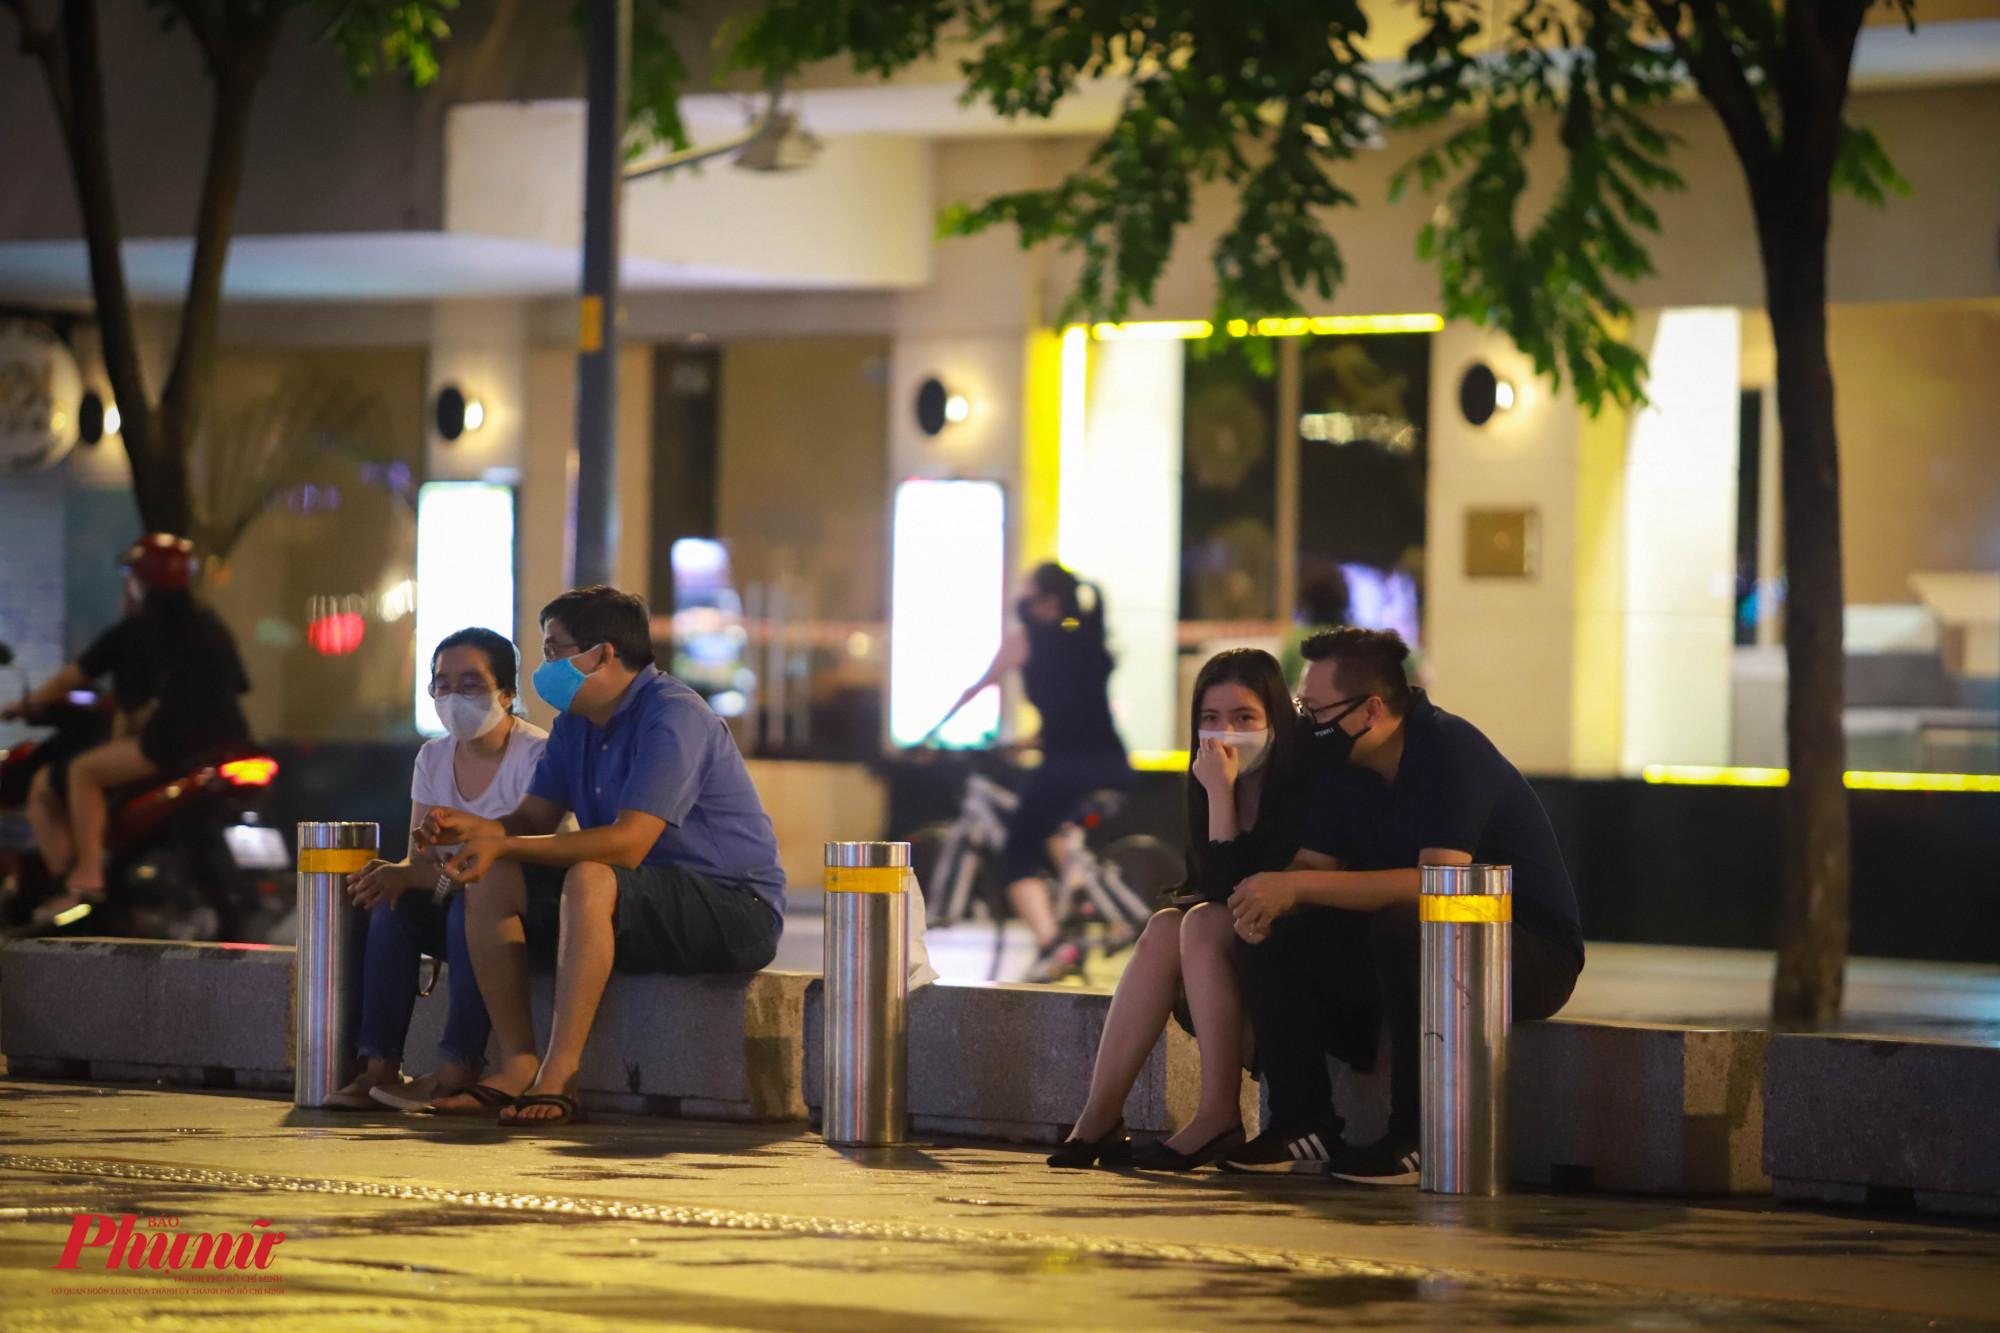 Dù đông người đến tham quan phố đi bộ, nhưng mọi người đều chọn vị trí ngồi cách xa nhau, tránh tụ tập